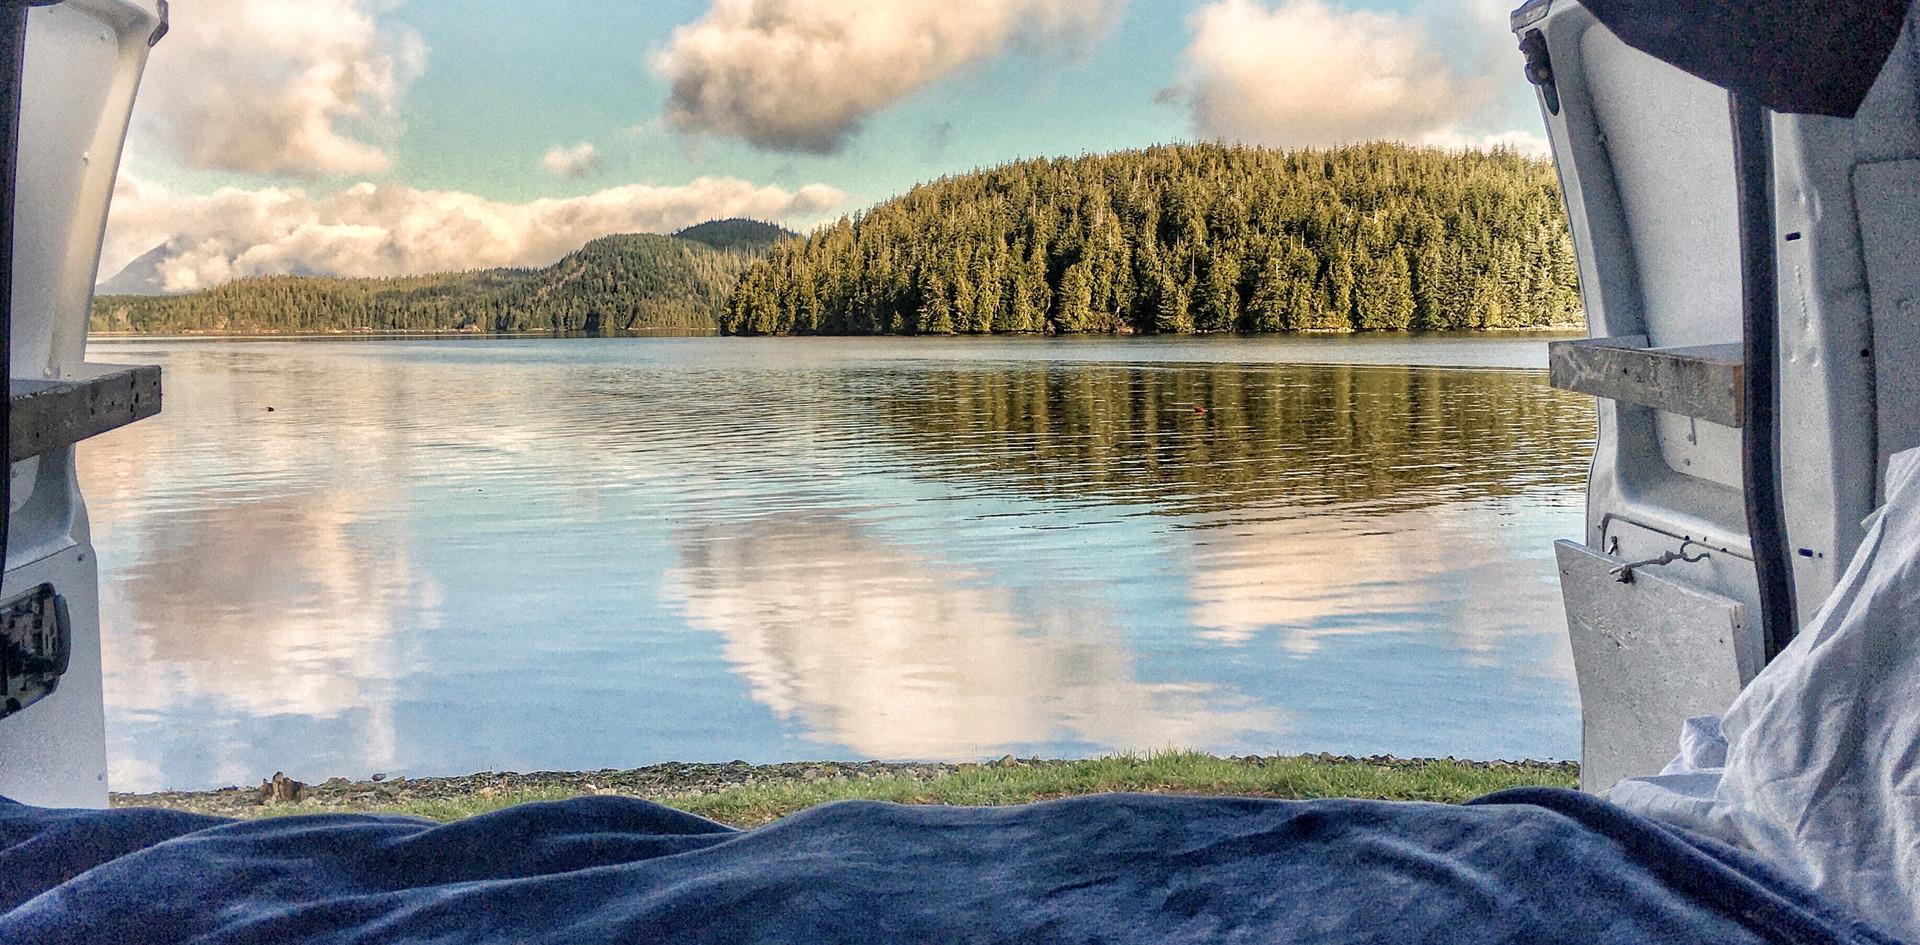 campervan vue sur le lac